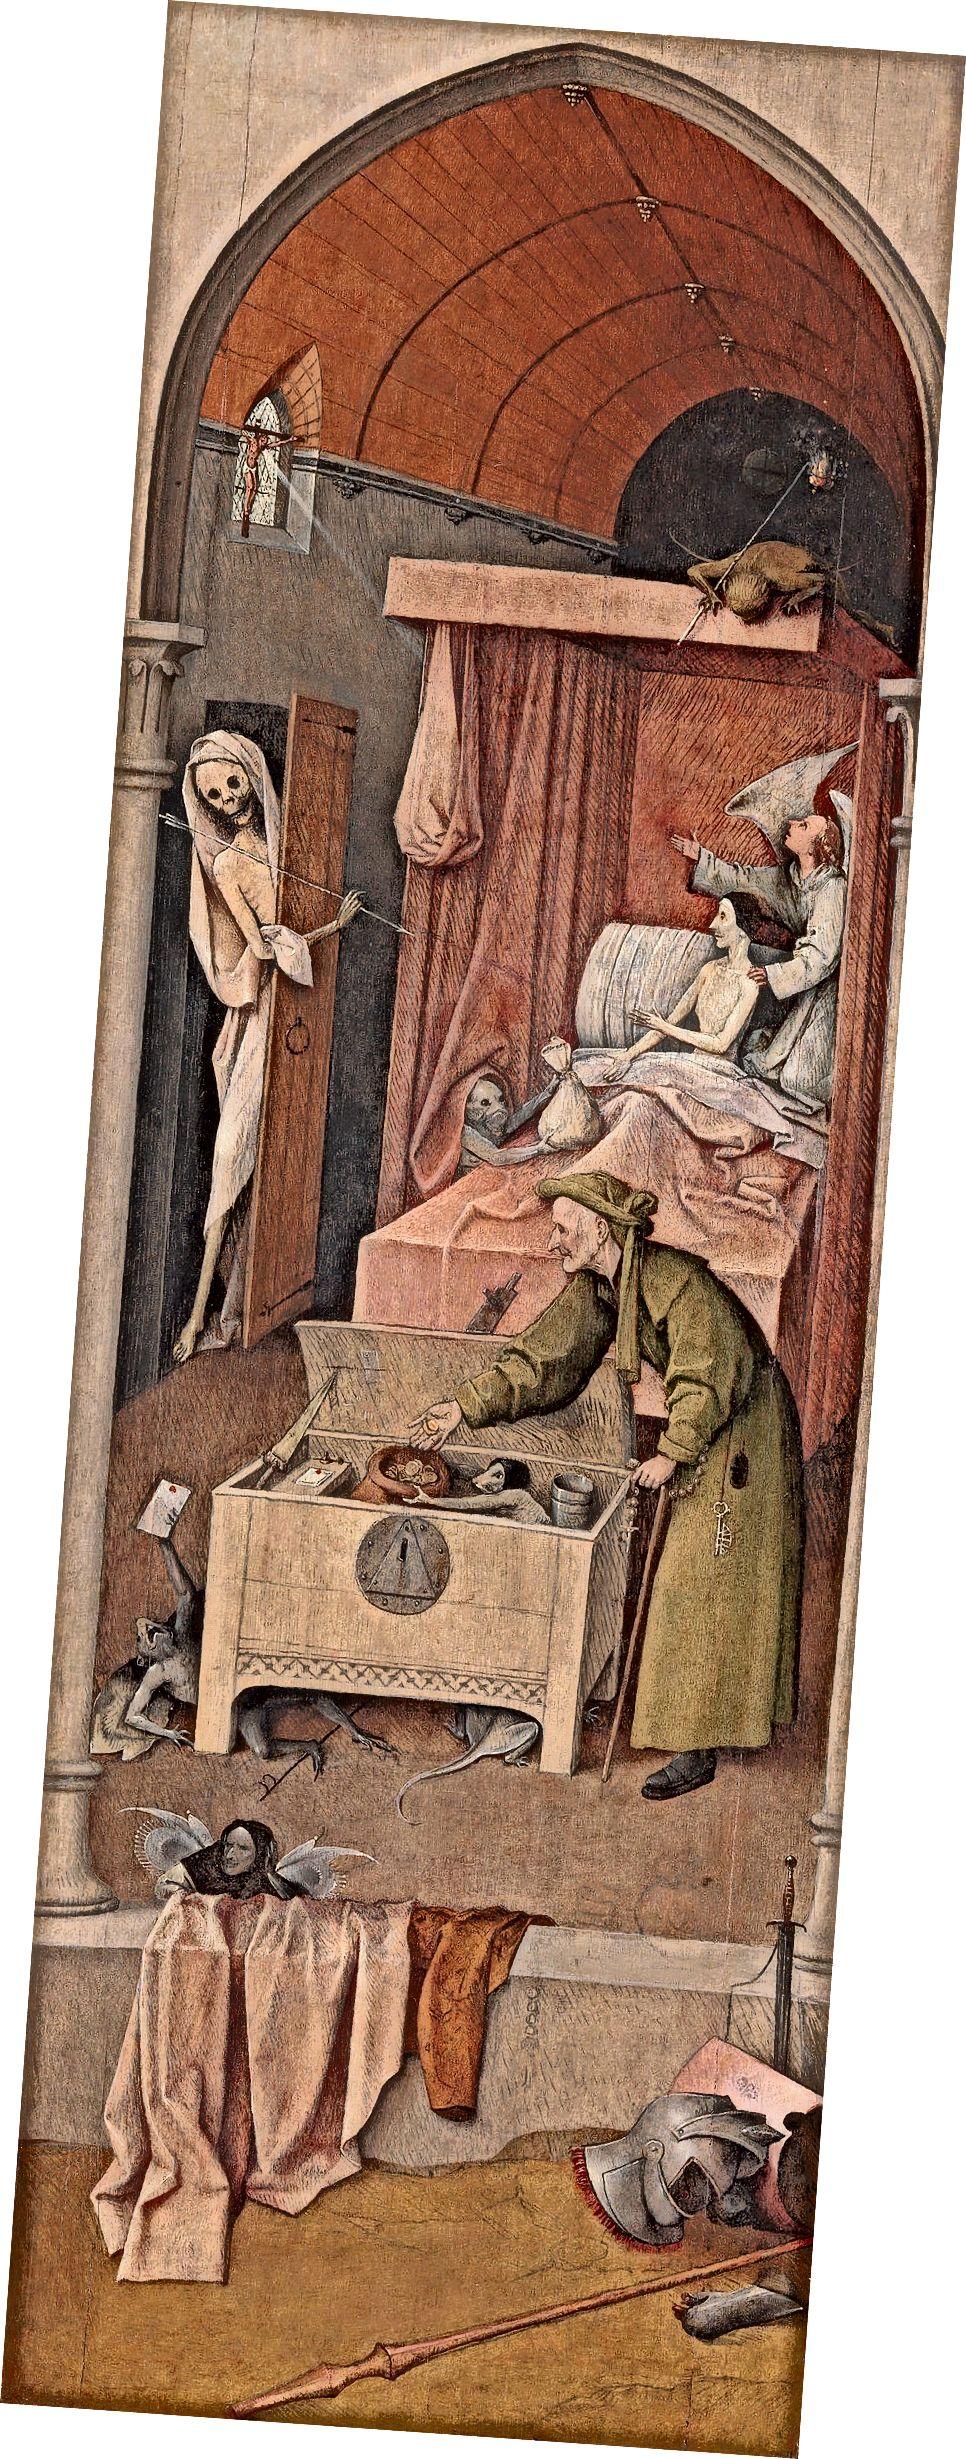 «Մահը և թշվառությունը», Վագաբոնդ Տրիպտիչի (4) մասը, 1500-1510թթ., Ազգային պատկերասրահ